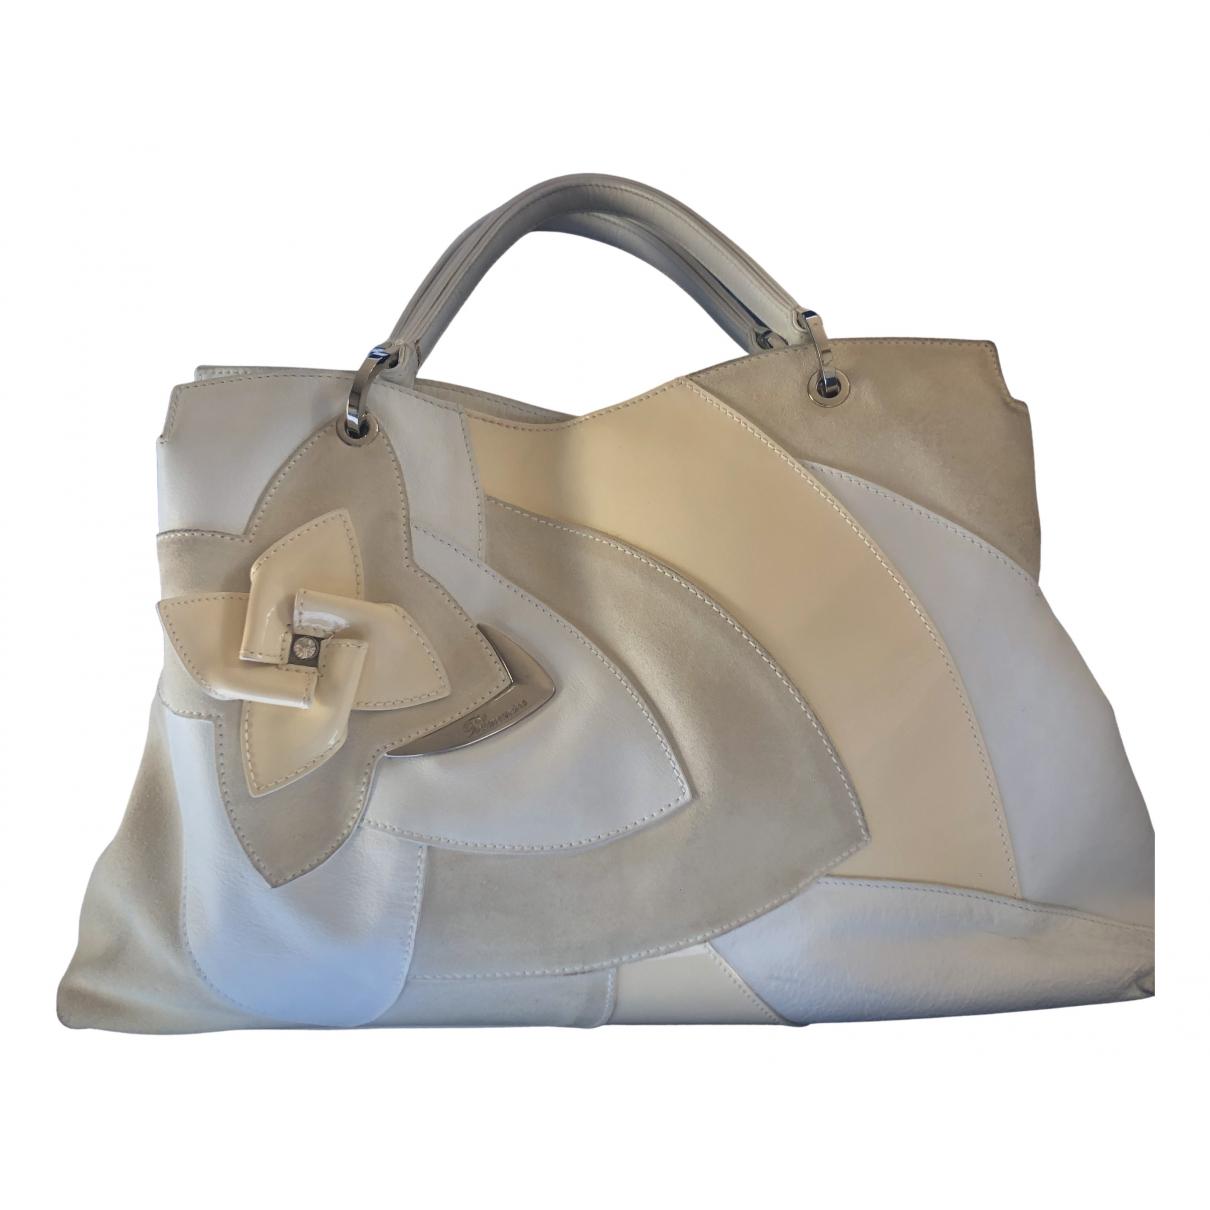 Blumarine N White Leather handbag for Women N